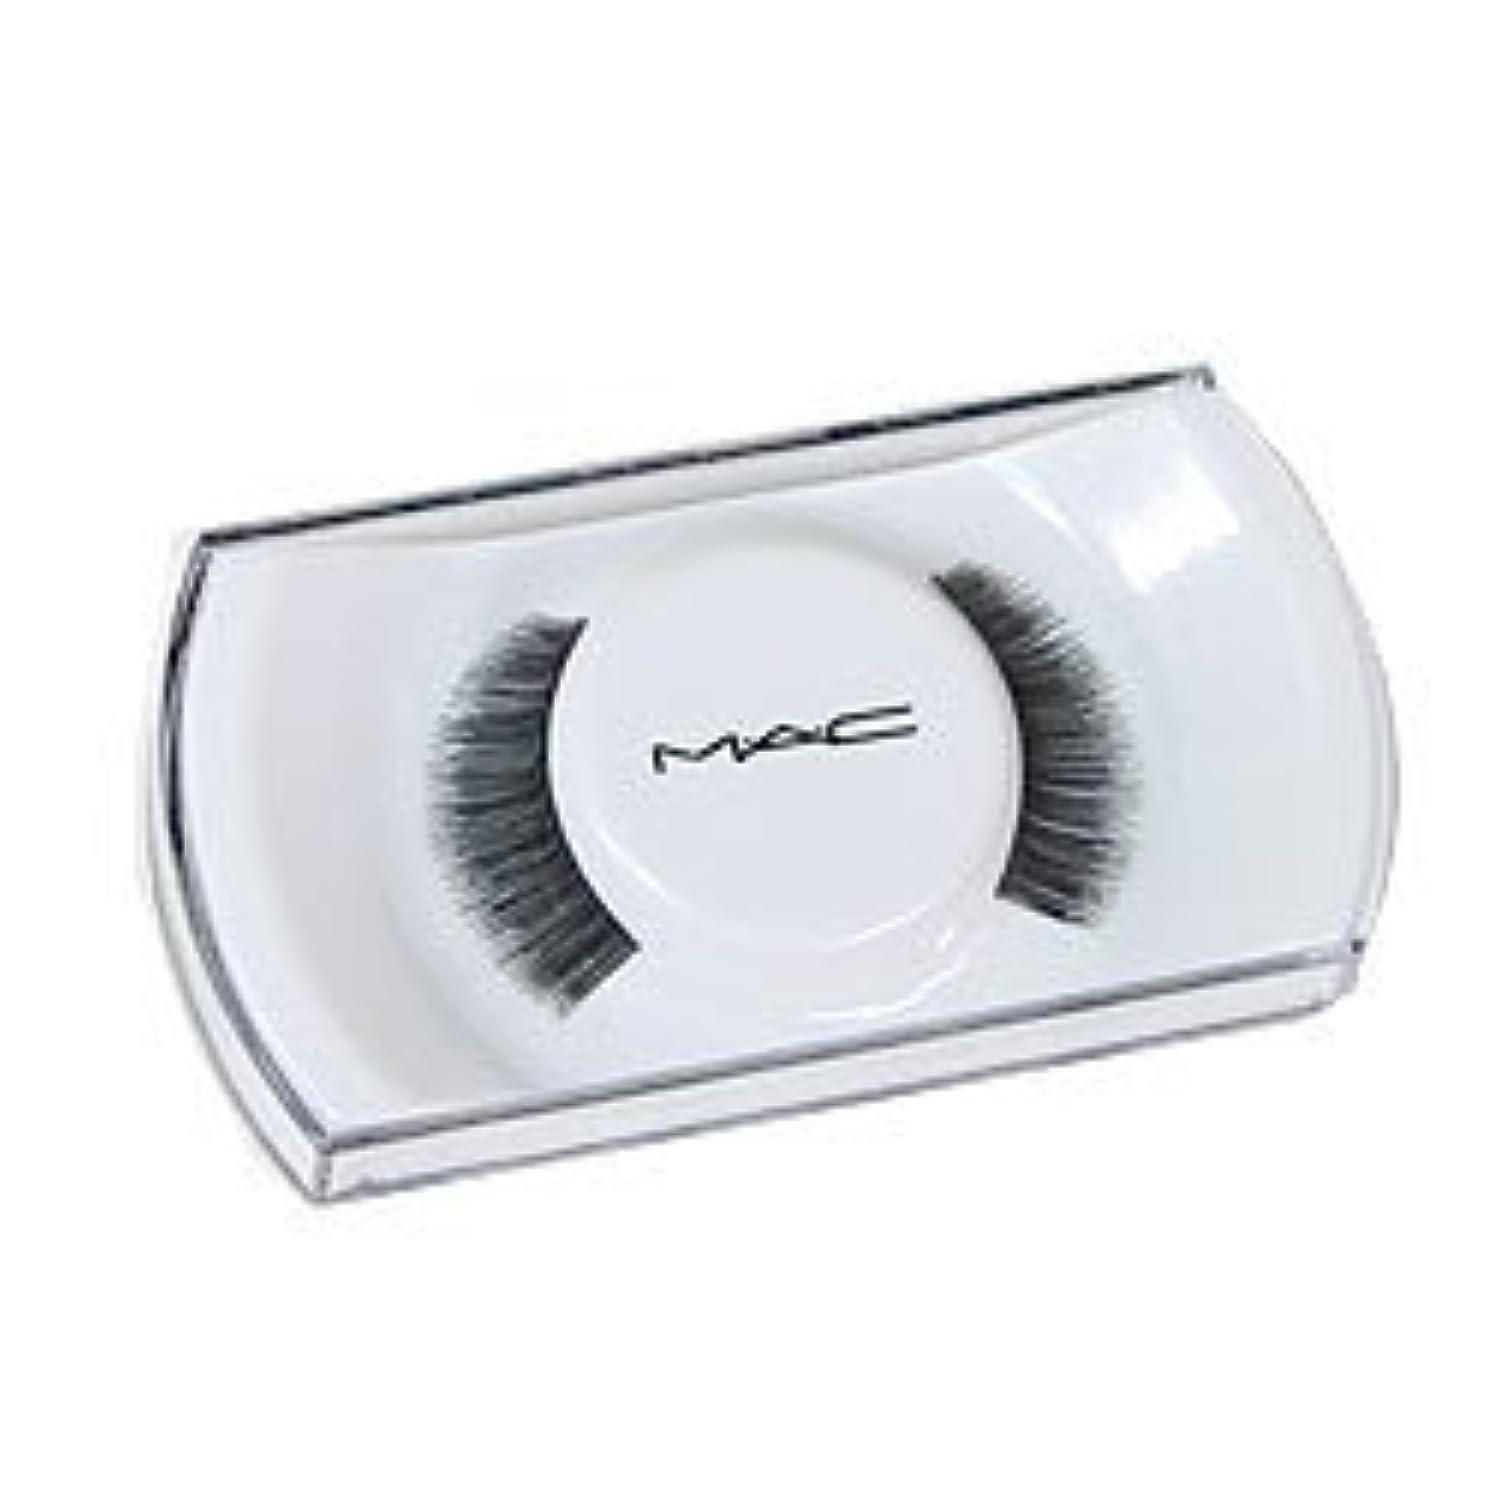 災害インフレーション環境MAC マック アイラッシュ (つけまつ毛) 【並行輸入品】 36 (在庫)